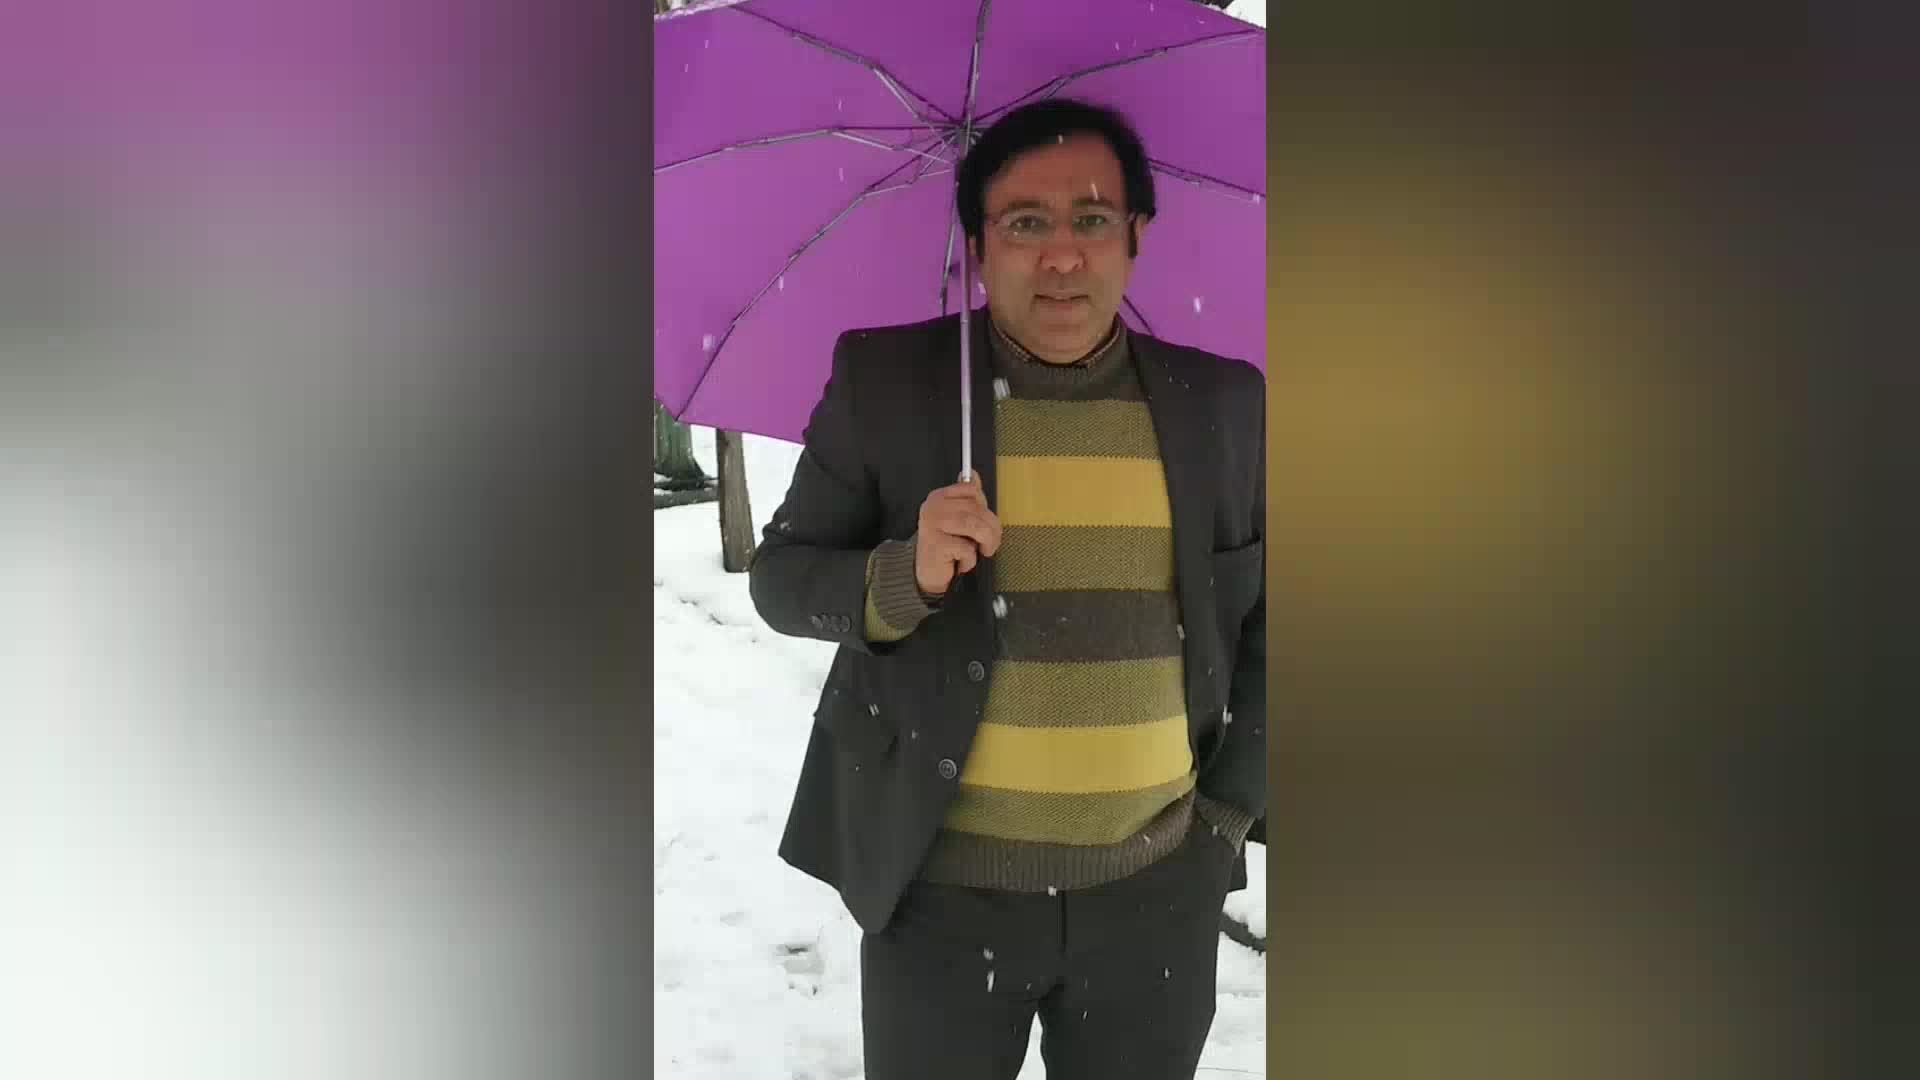 روز خوش برفی با آقای روان شناس غلامرضا رامفر-قسمت اول